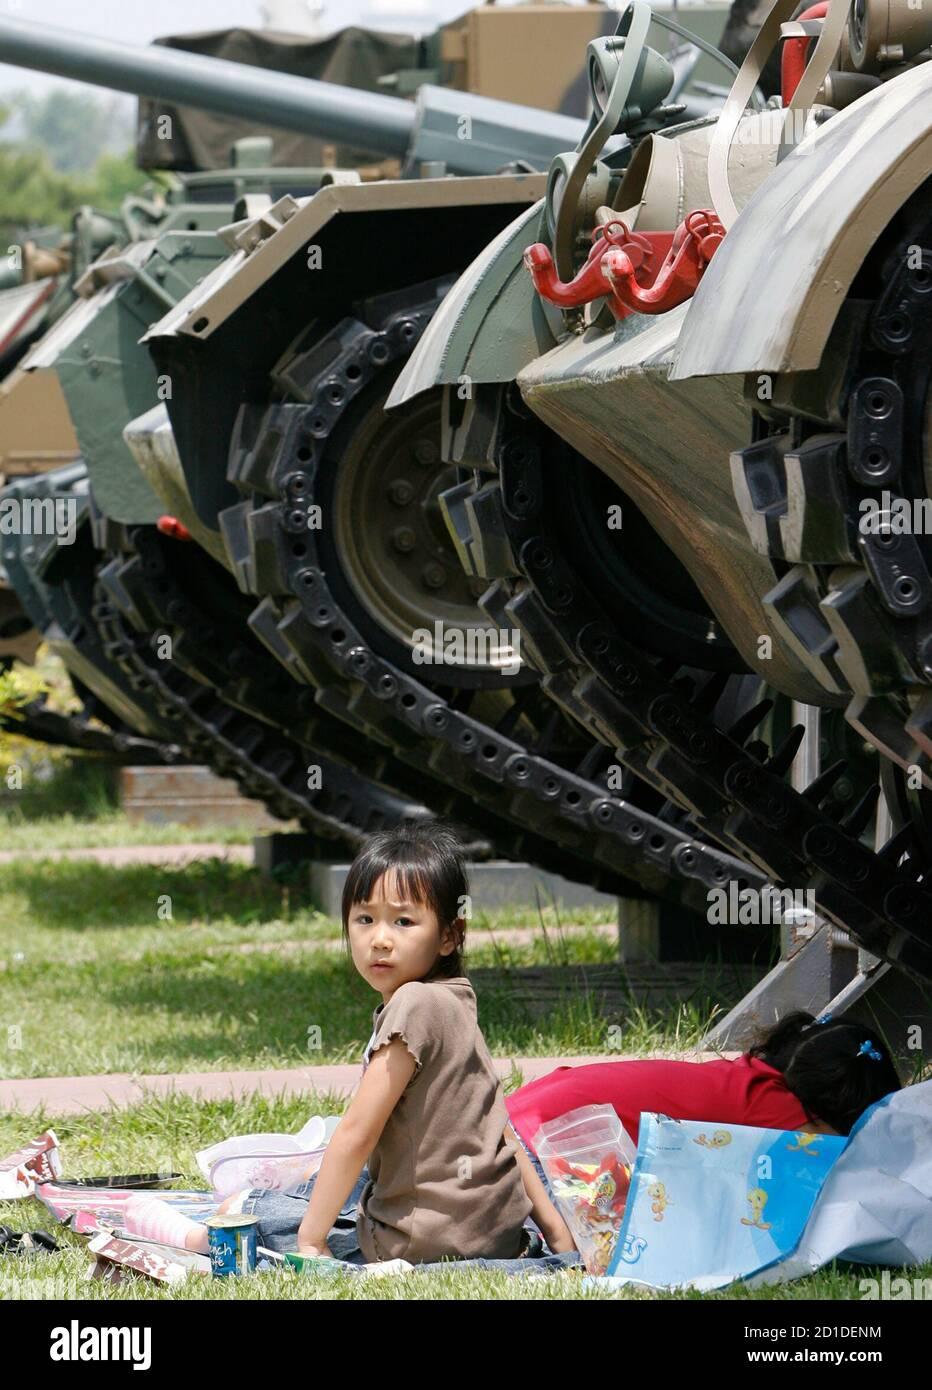 Un enfant est assis à côté d'un char utilisé pendant la guerre de Corée, au musée de la guerre de Corée à Séoul le jour du souvenir le 6 juin 2007. Techniquement, la Corée du Sud et la Corée du Nord sont toujours en guerre, parce que leur conflit de 1950-53 s'est terminé par une trêve armée qui n'a jamais été convertie en traité de paix. REUTERS/JO Yong-Hak (CORÉE DU SUD) Banque D'Images